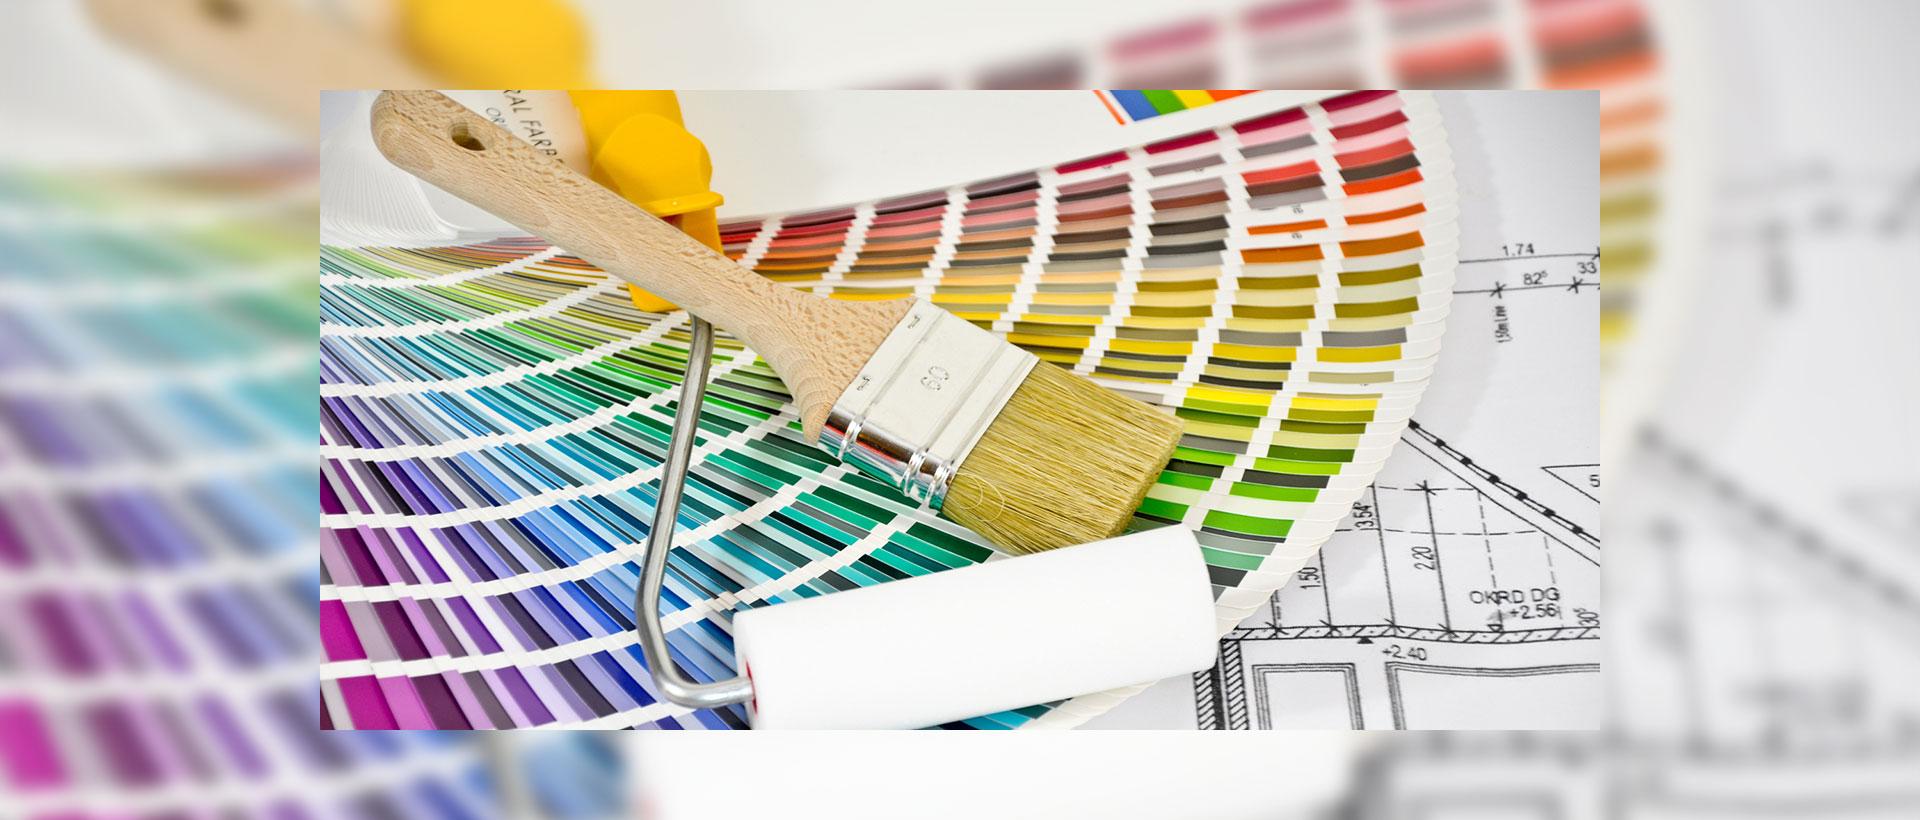 planen und gestalten vitus thalhammer malerbetrieb. Black Bedroom Furniture Sets. Home Design Ideas